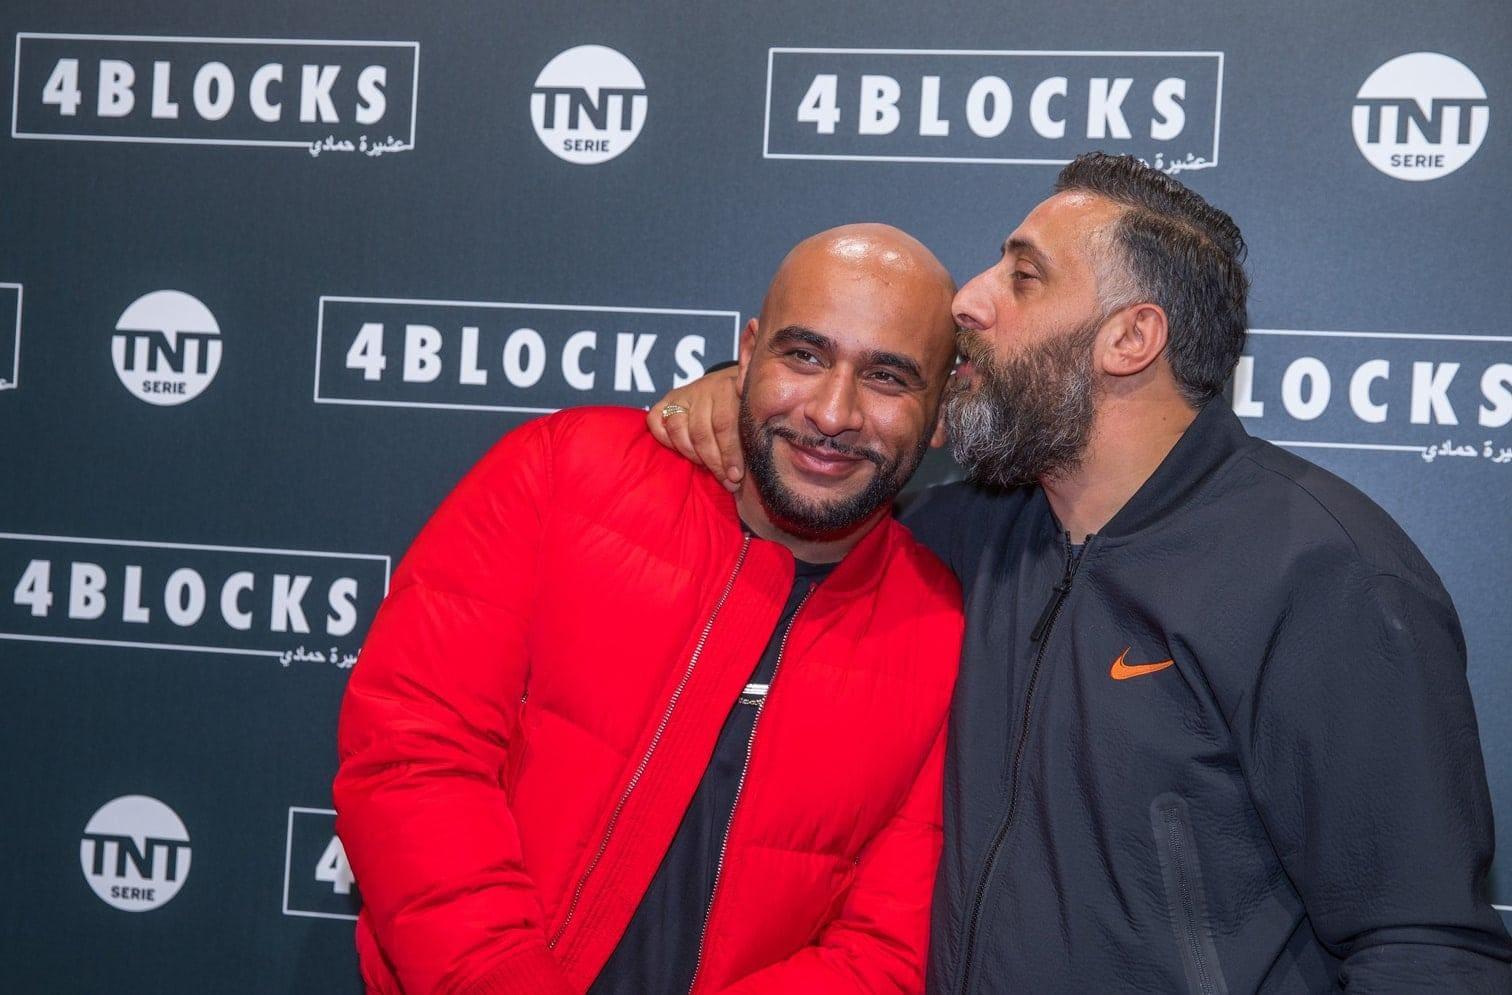 Schauspieler 4 Blocks